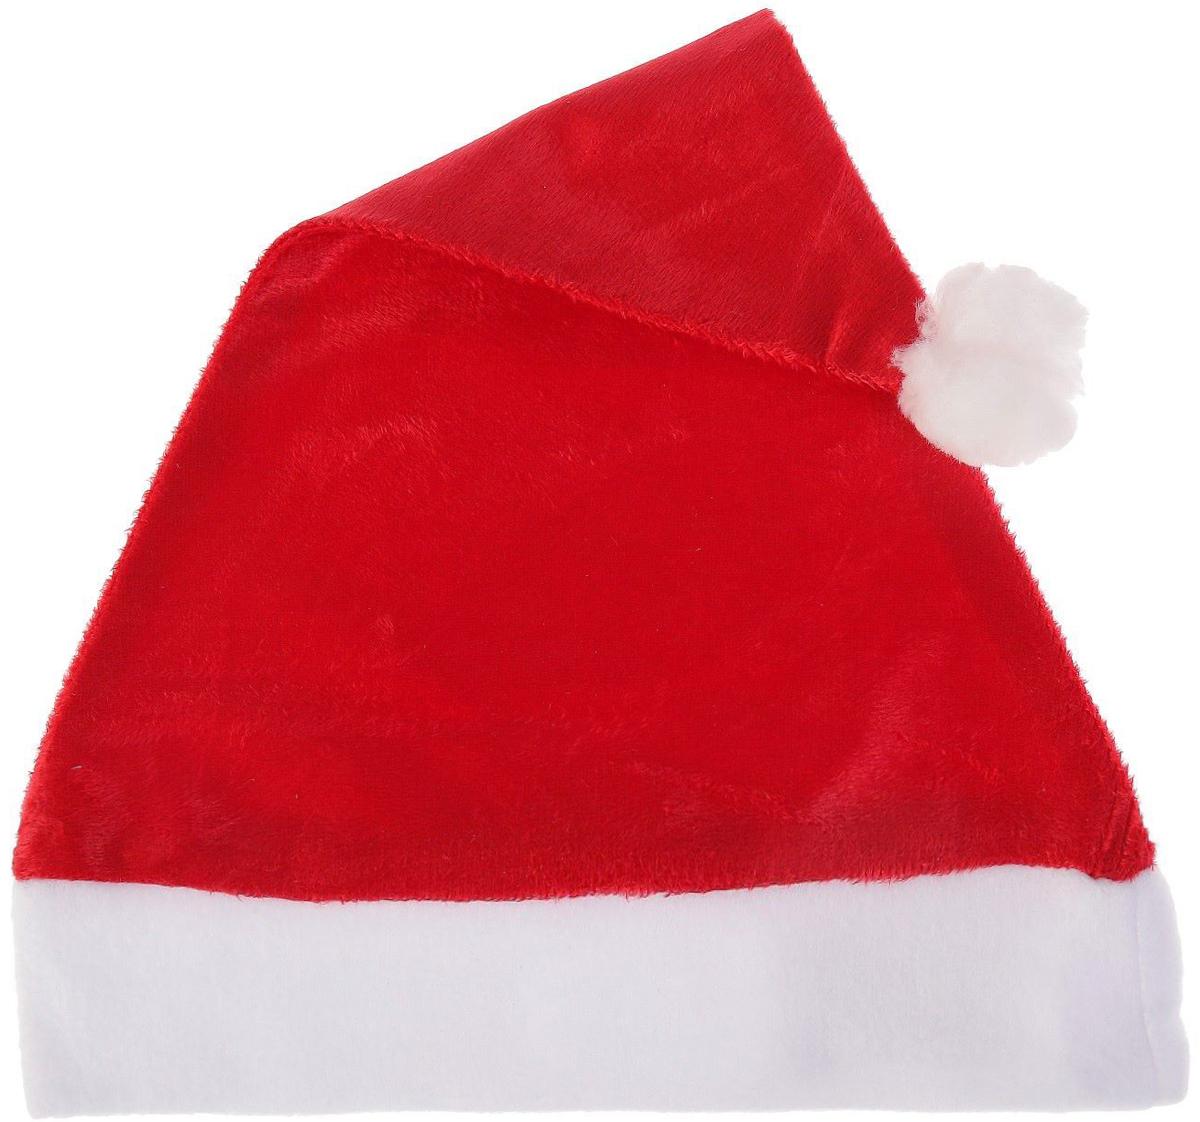 Колпак новогодний Блеск, цвет: красный, 28 х 38 см2351990Колпак - традиционный новогодний головной убор, который дополнит любой праздничный костюм. Будет это корпоративная вечеринка, утренник в школе или отдых в компании друзей - изделие поднимет настроение, где бы вы ни находились.Колпачок подойдет тем, кто собирается отмечать зимний праздник в помещении. В противном случае его следует надеть на теплую шапку, чтобы не простудиться.